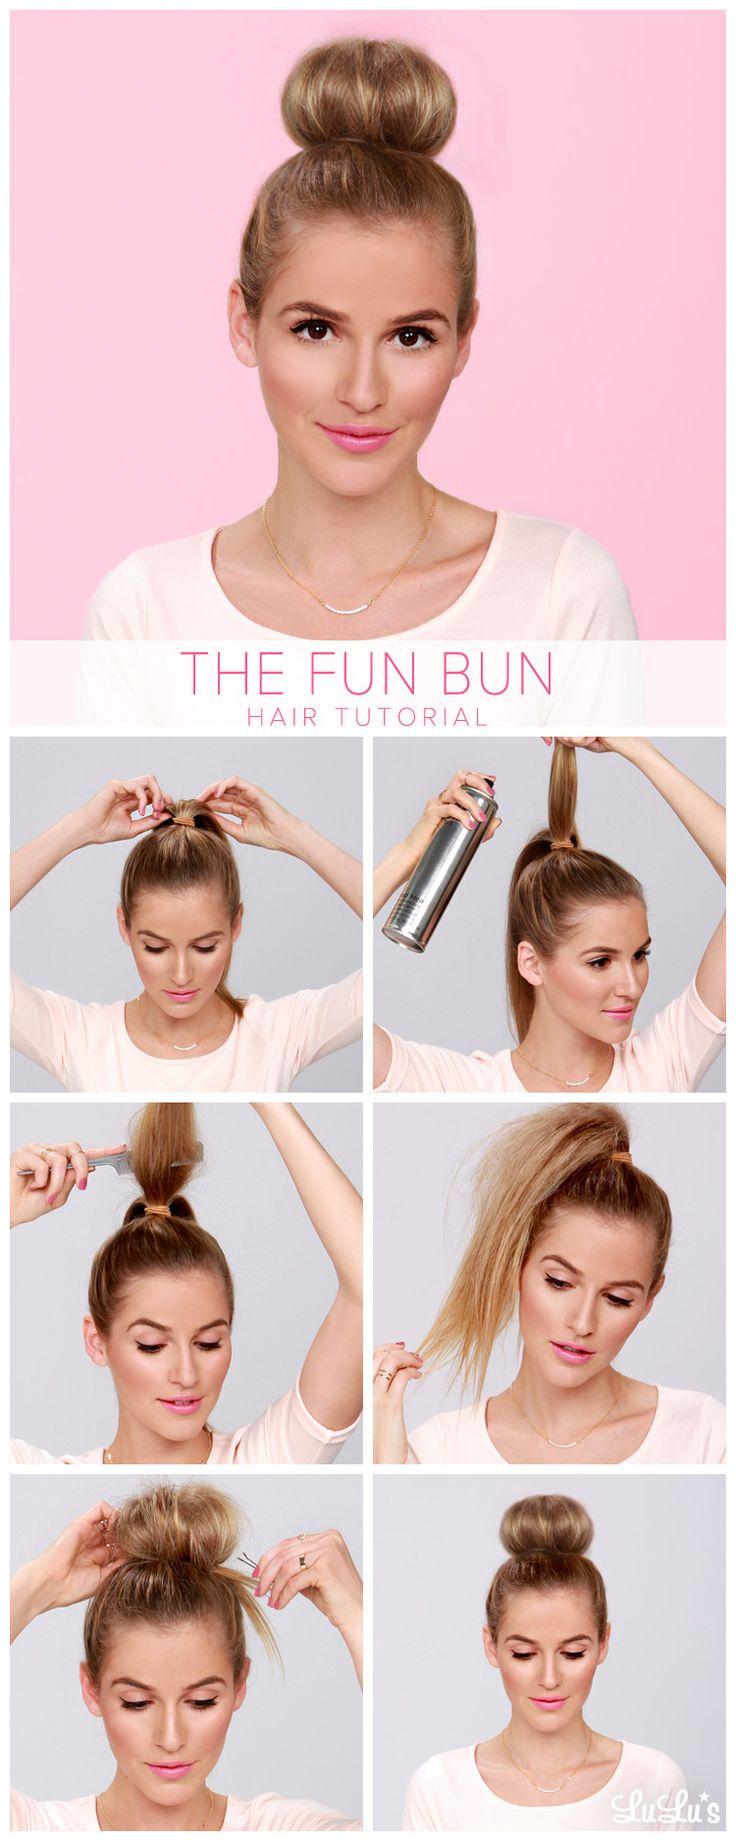 The Fun Bun Hair Tutorial <3